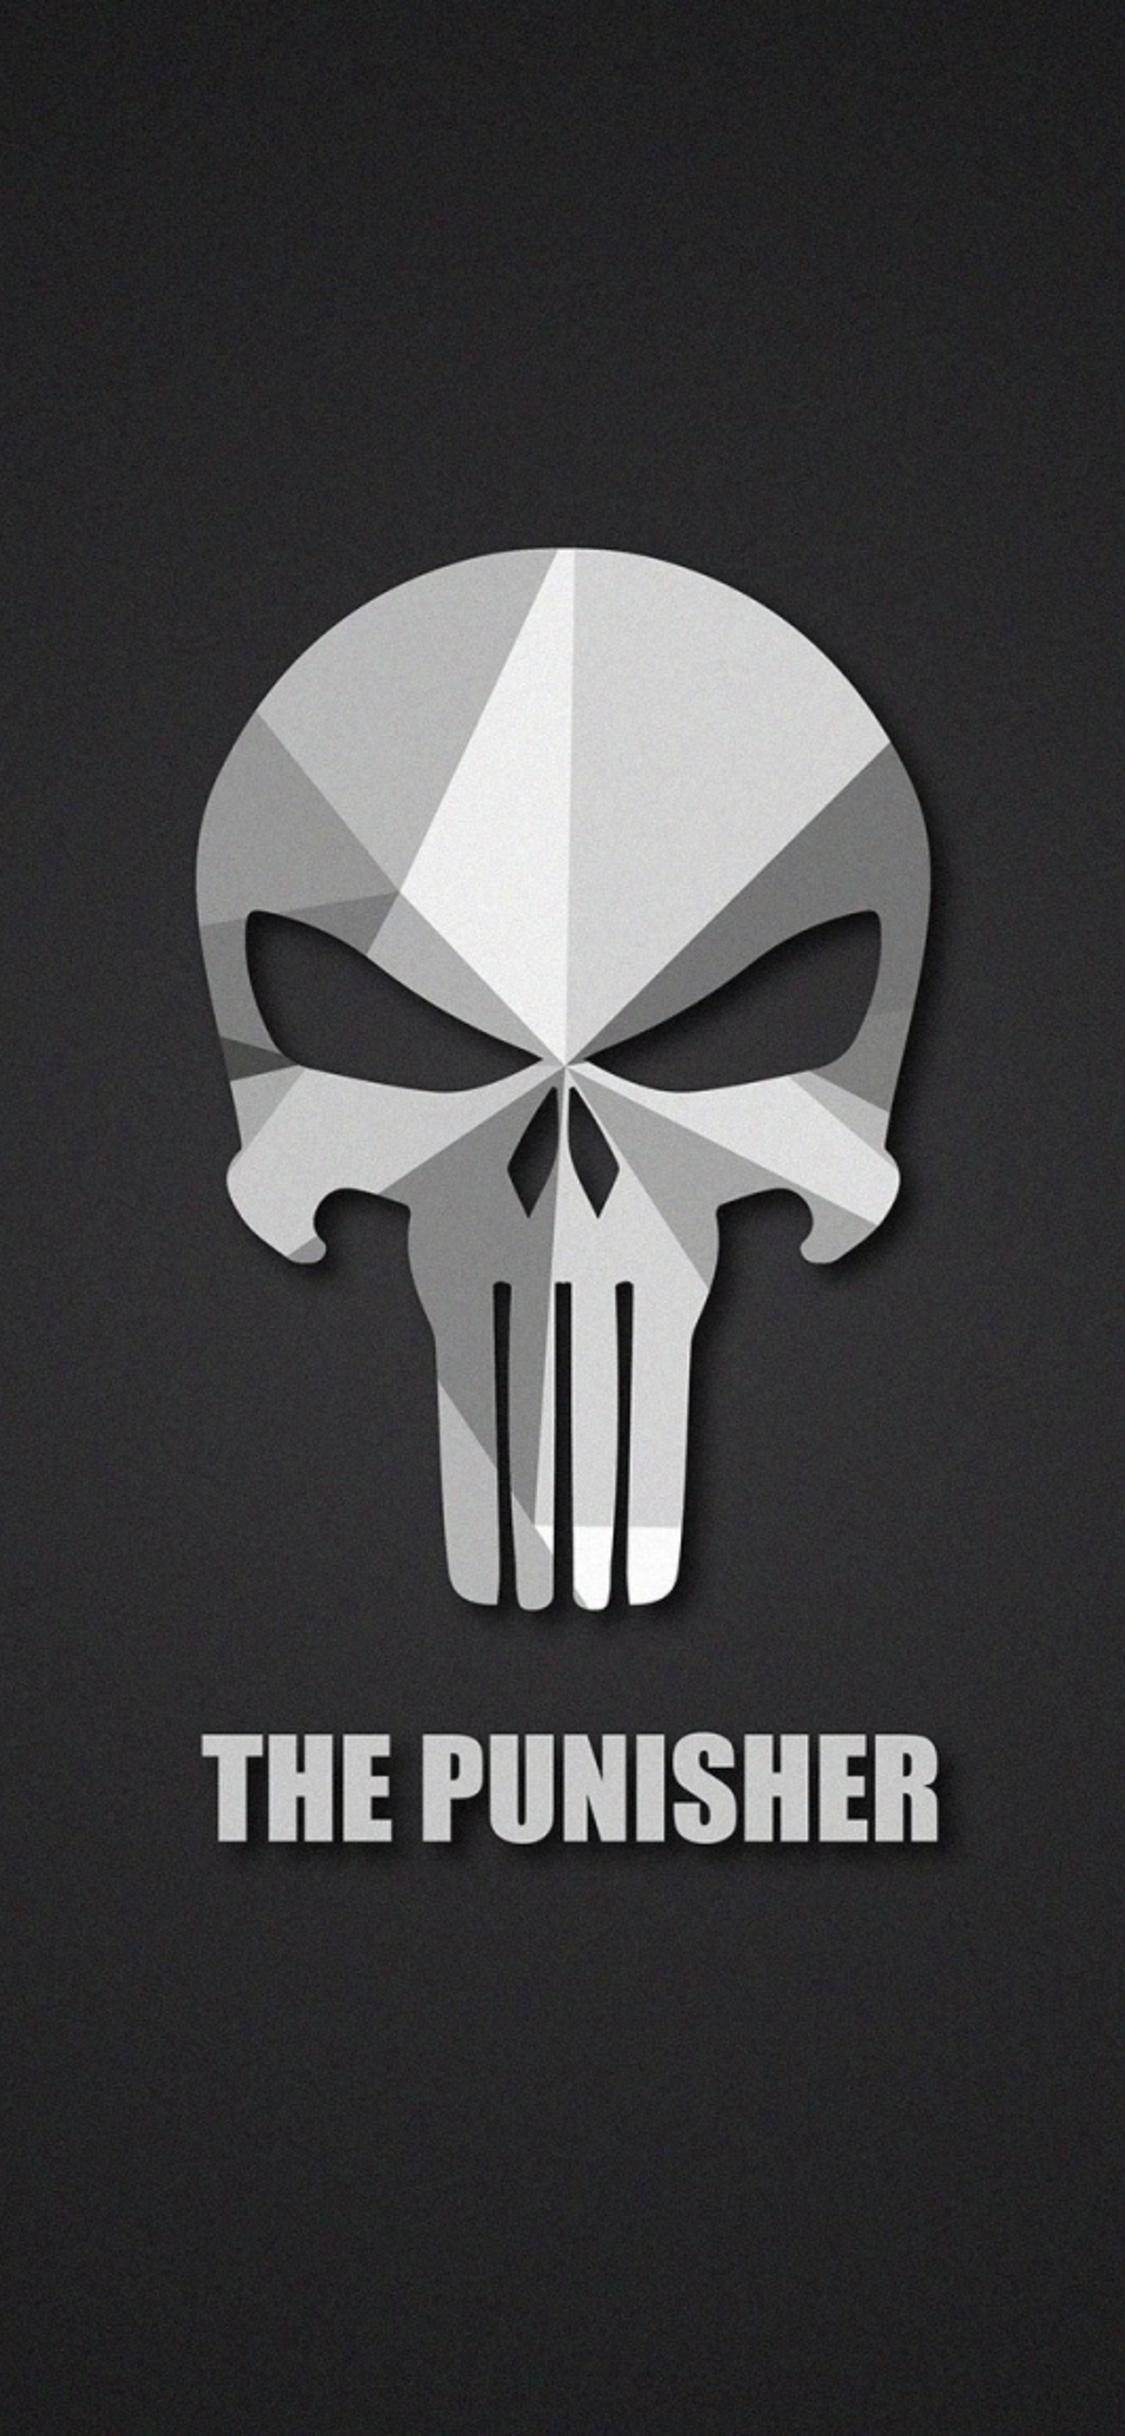 the-punisher-material-logo-s2.jpg